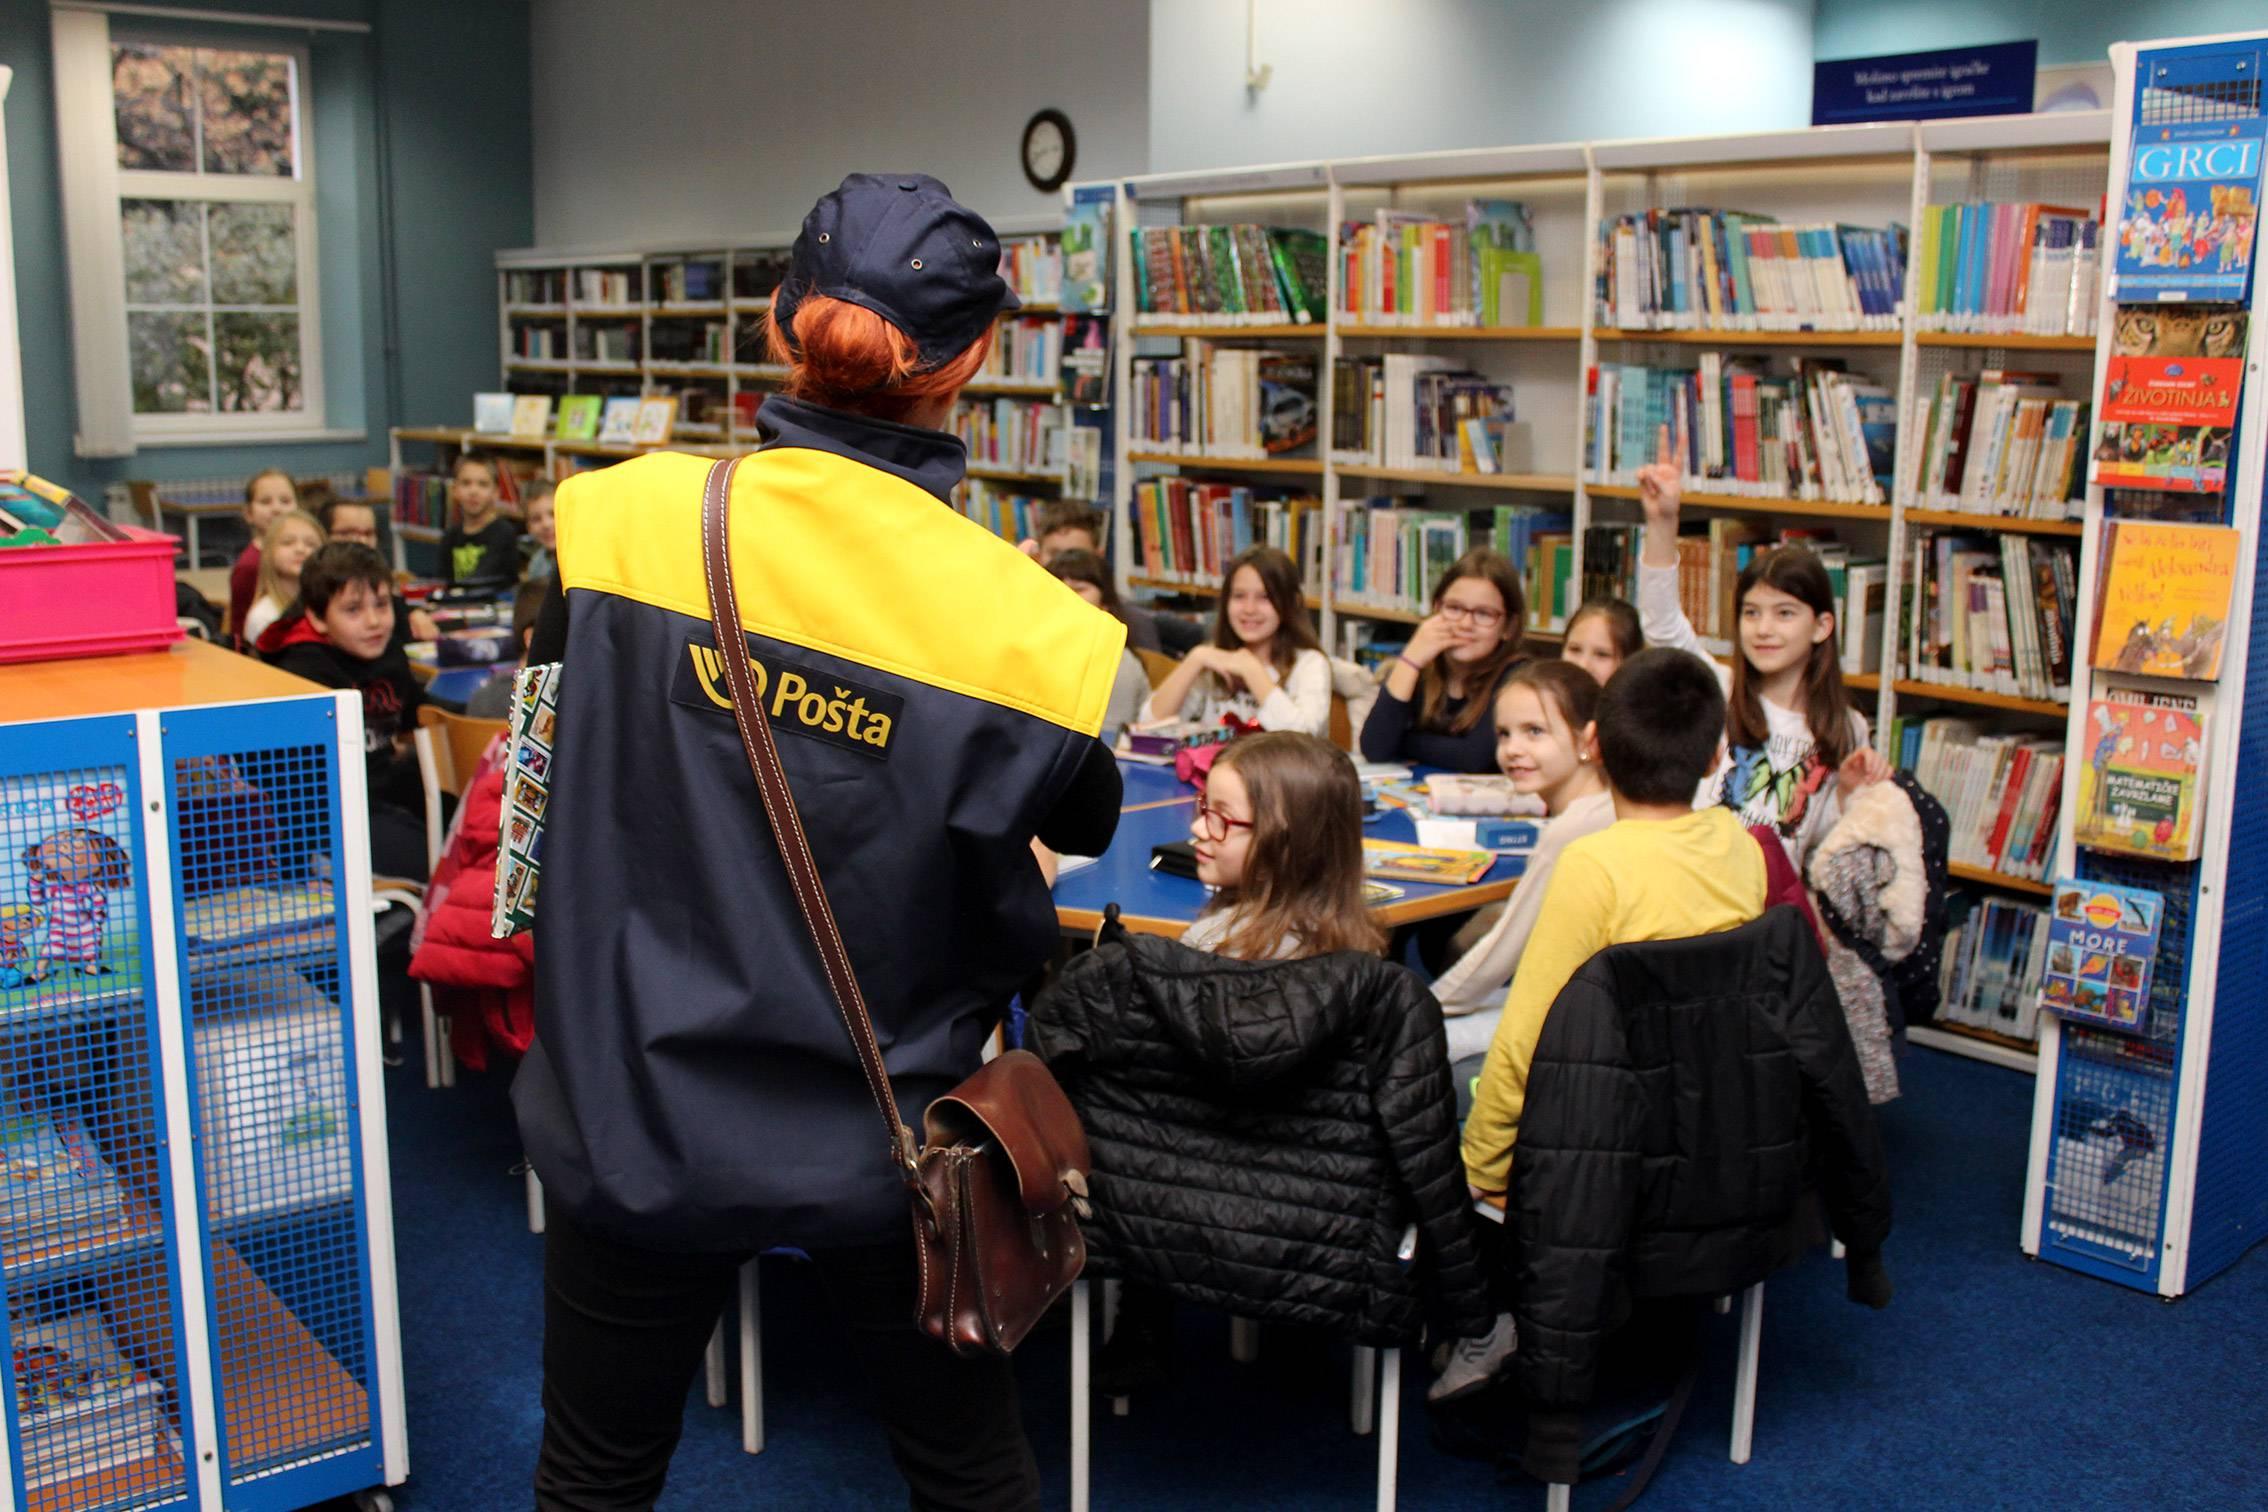 Zadar čita 2018: Poštarska bajka